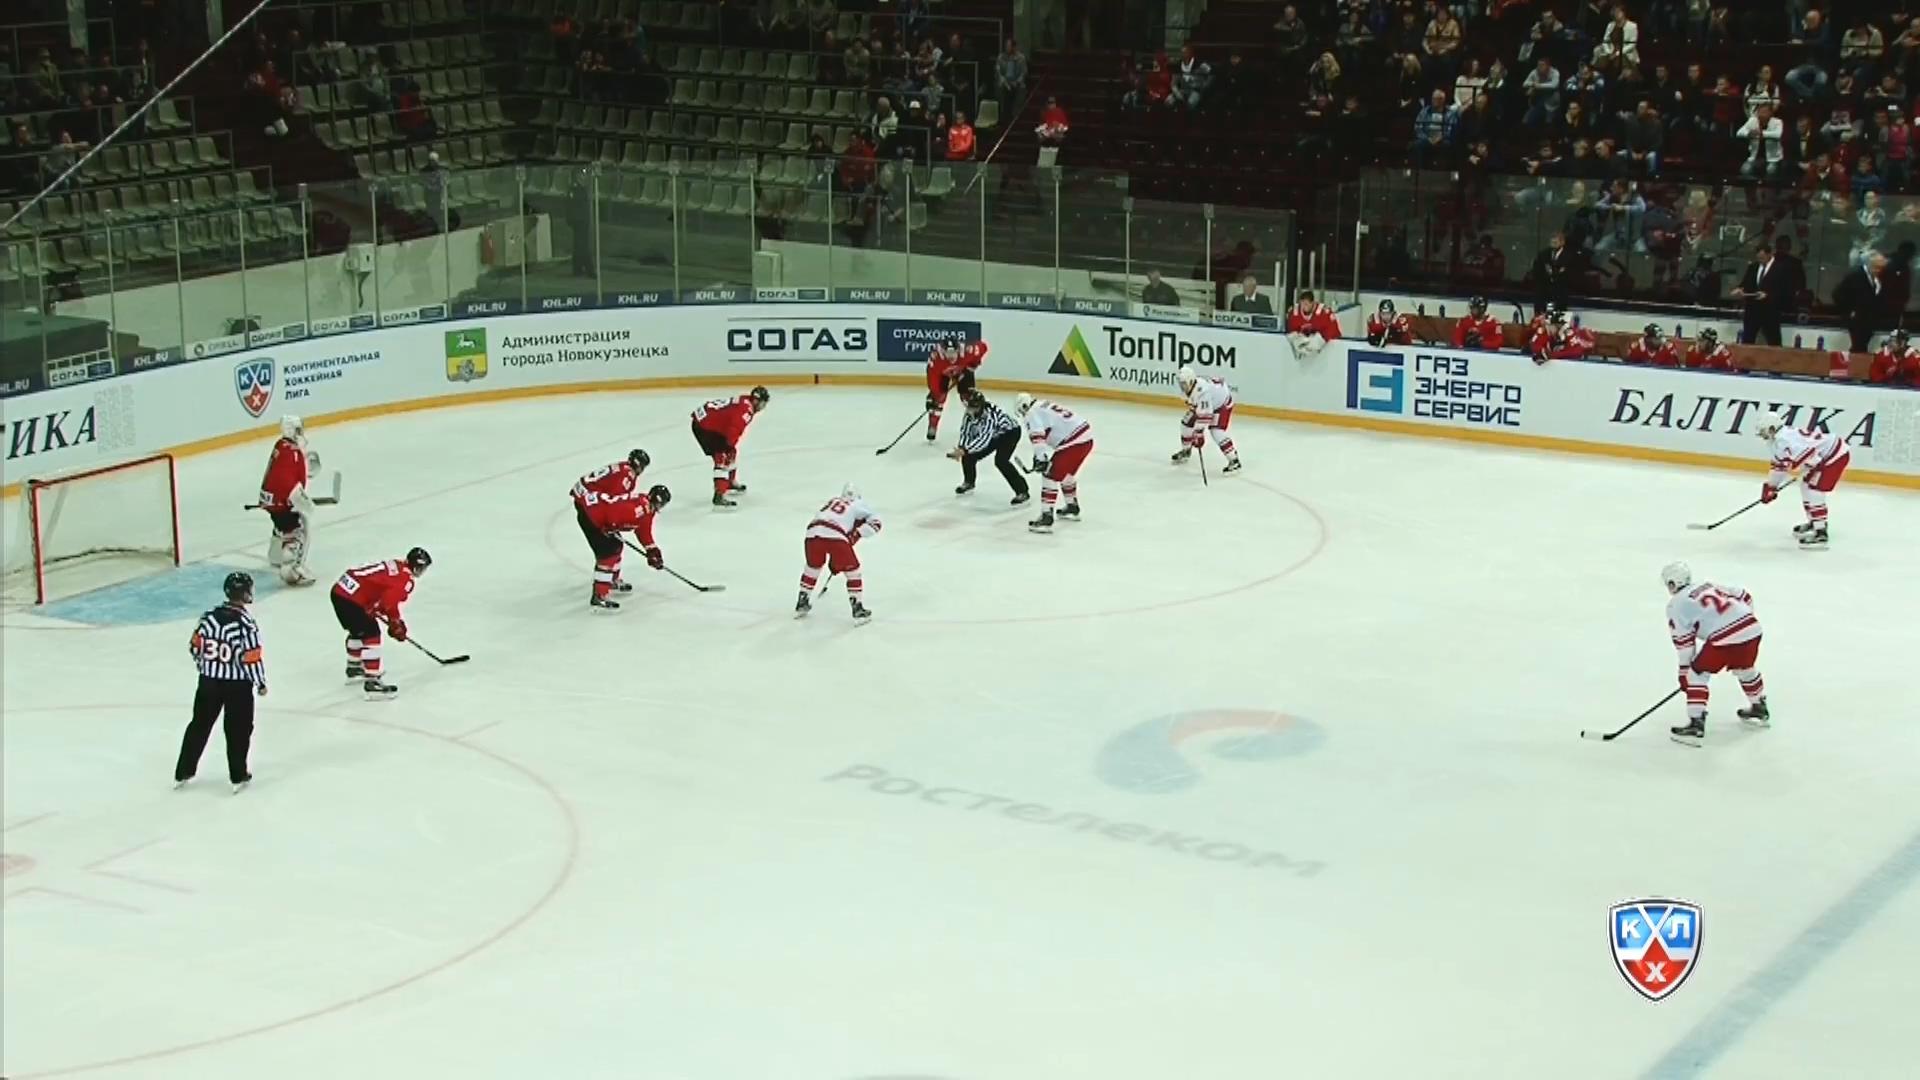 KHL.2015.09.04.MetNK@Spartak.1080p25.mkv_20150905_153400.765.jpg